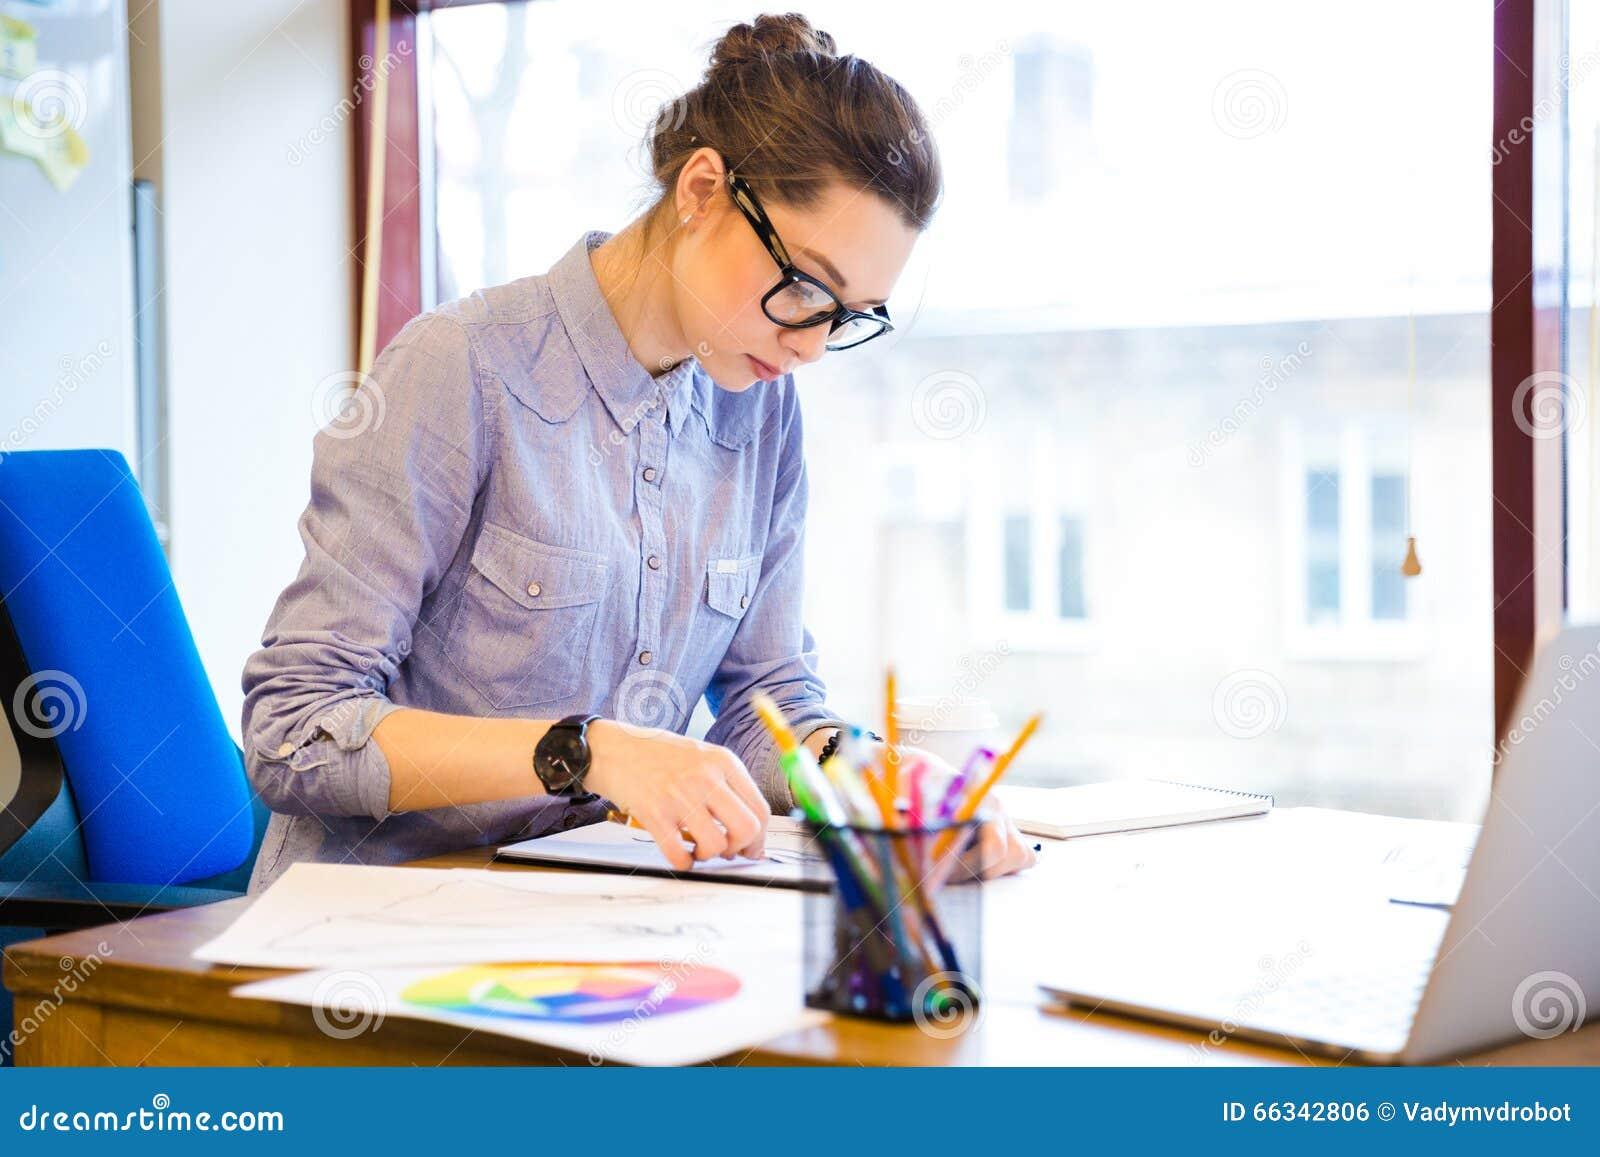 Bosquejos concentrados del dibujo del dise ador de moda de - Disenador de interiores trabajo ...